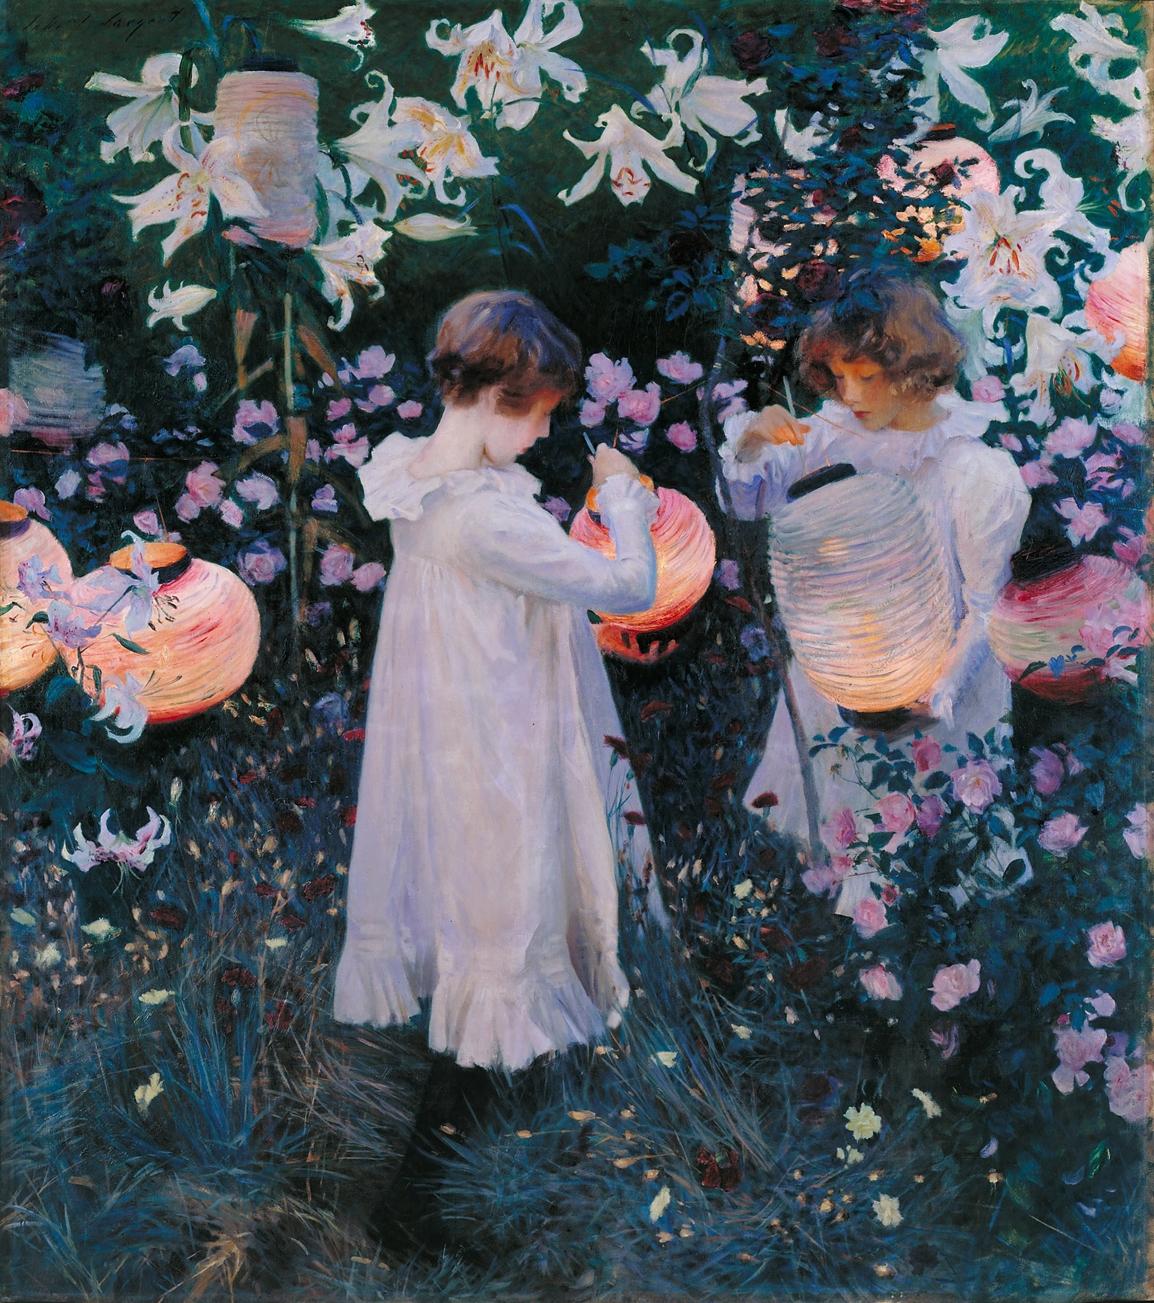 John Singer Sargent's Carnation, Lily, Lily, Rose (1885)